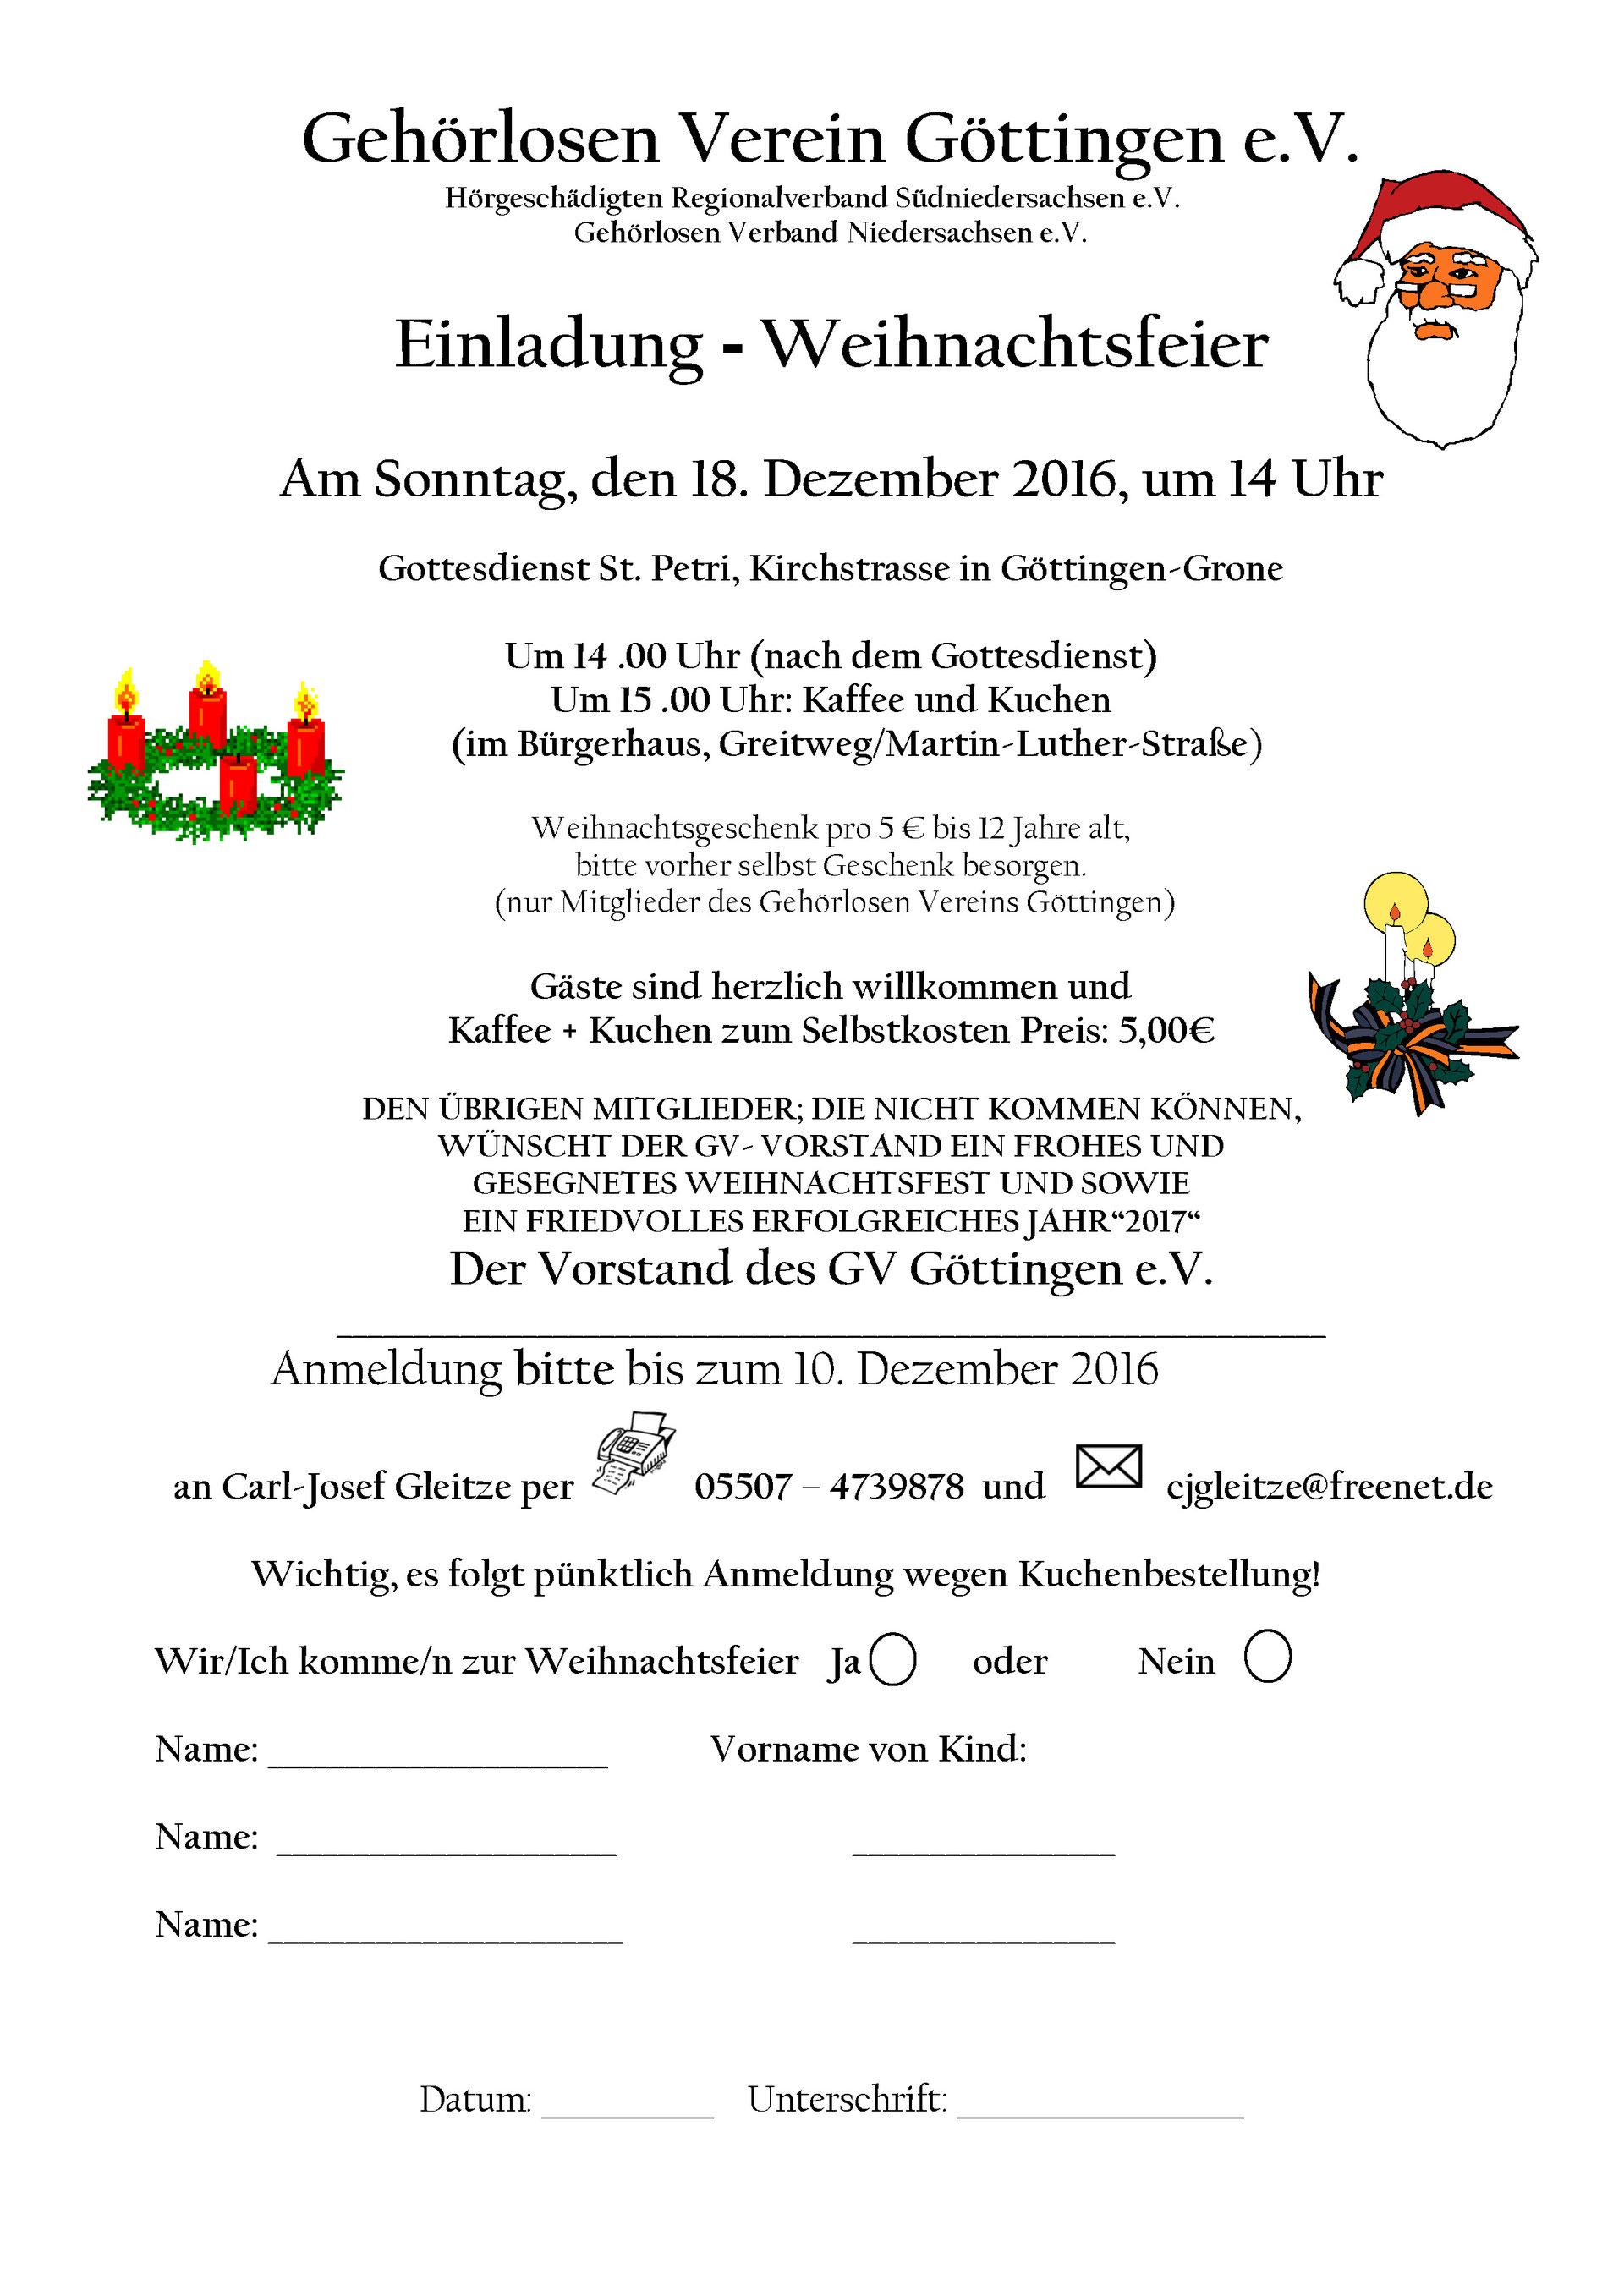 Einladung Weihnachtsfeier Verein.Gehorlosen Verein Go Einladung Weihnachtsfeier Gv